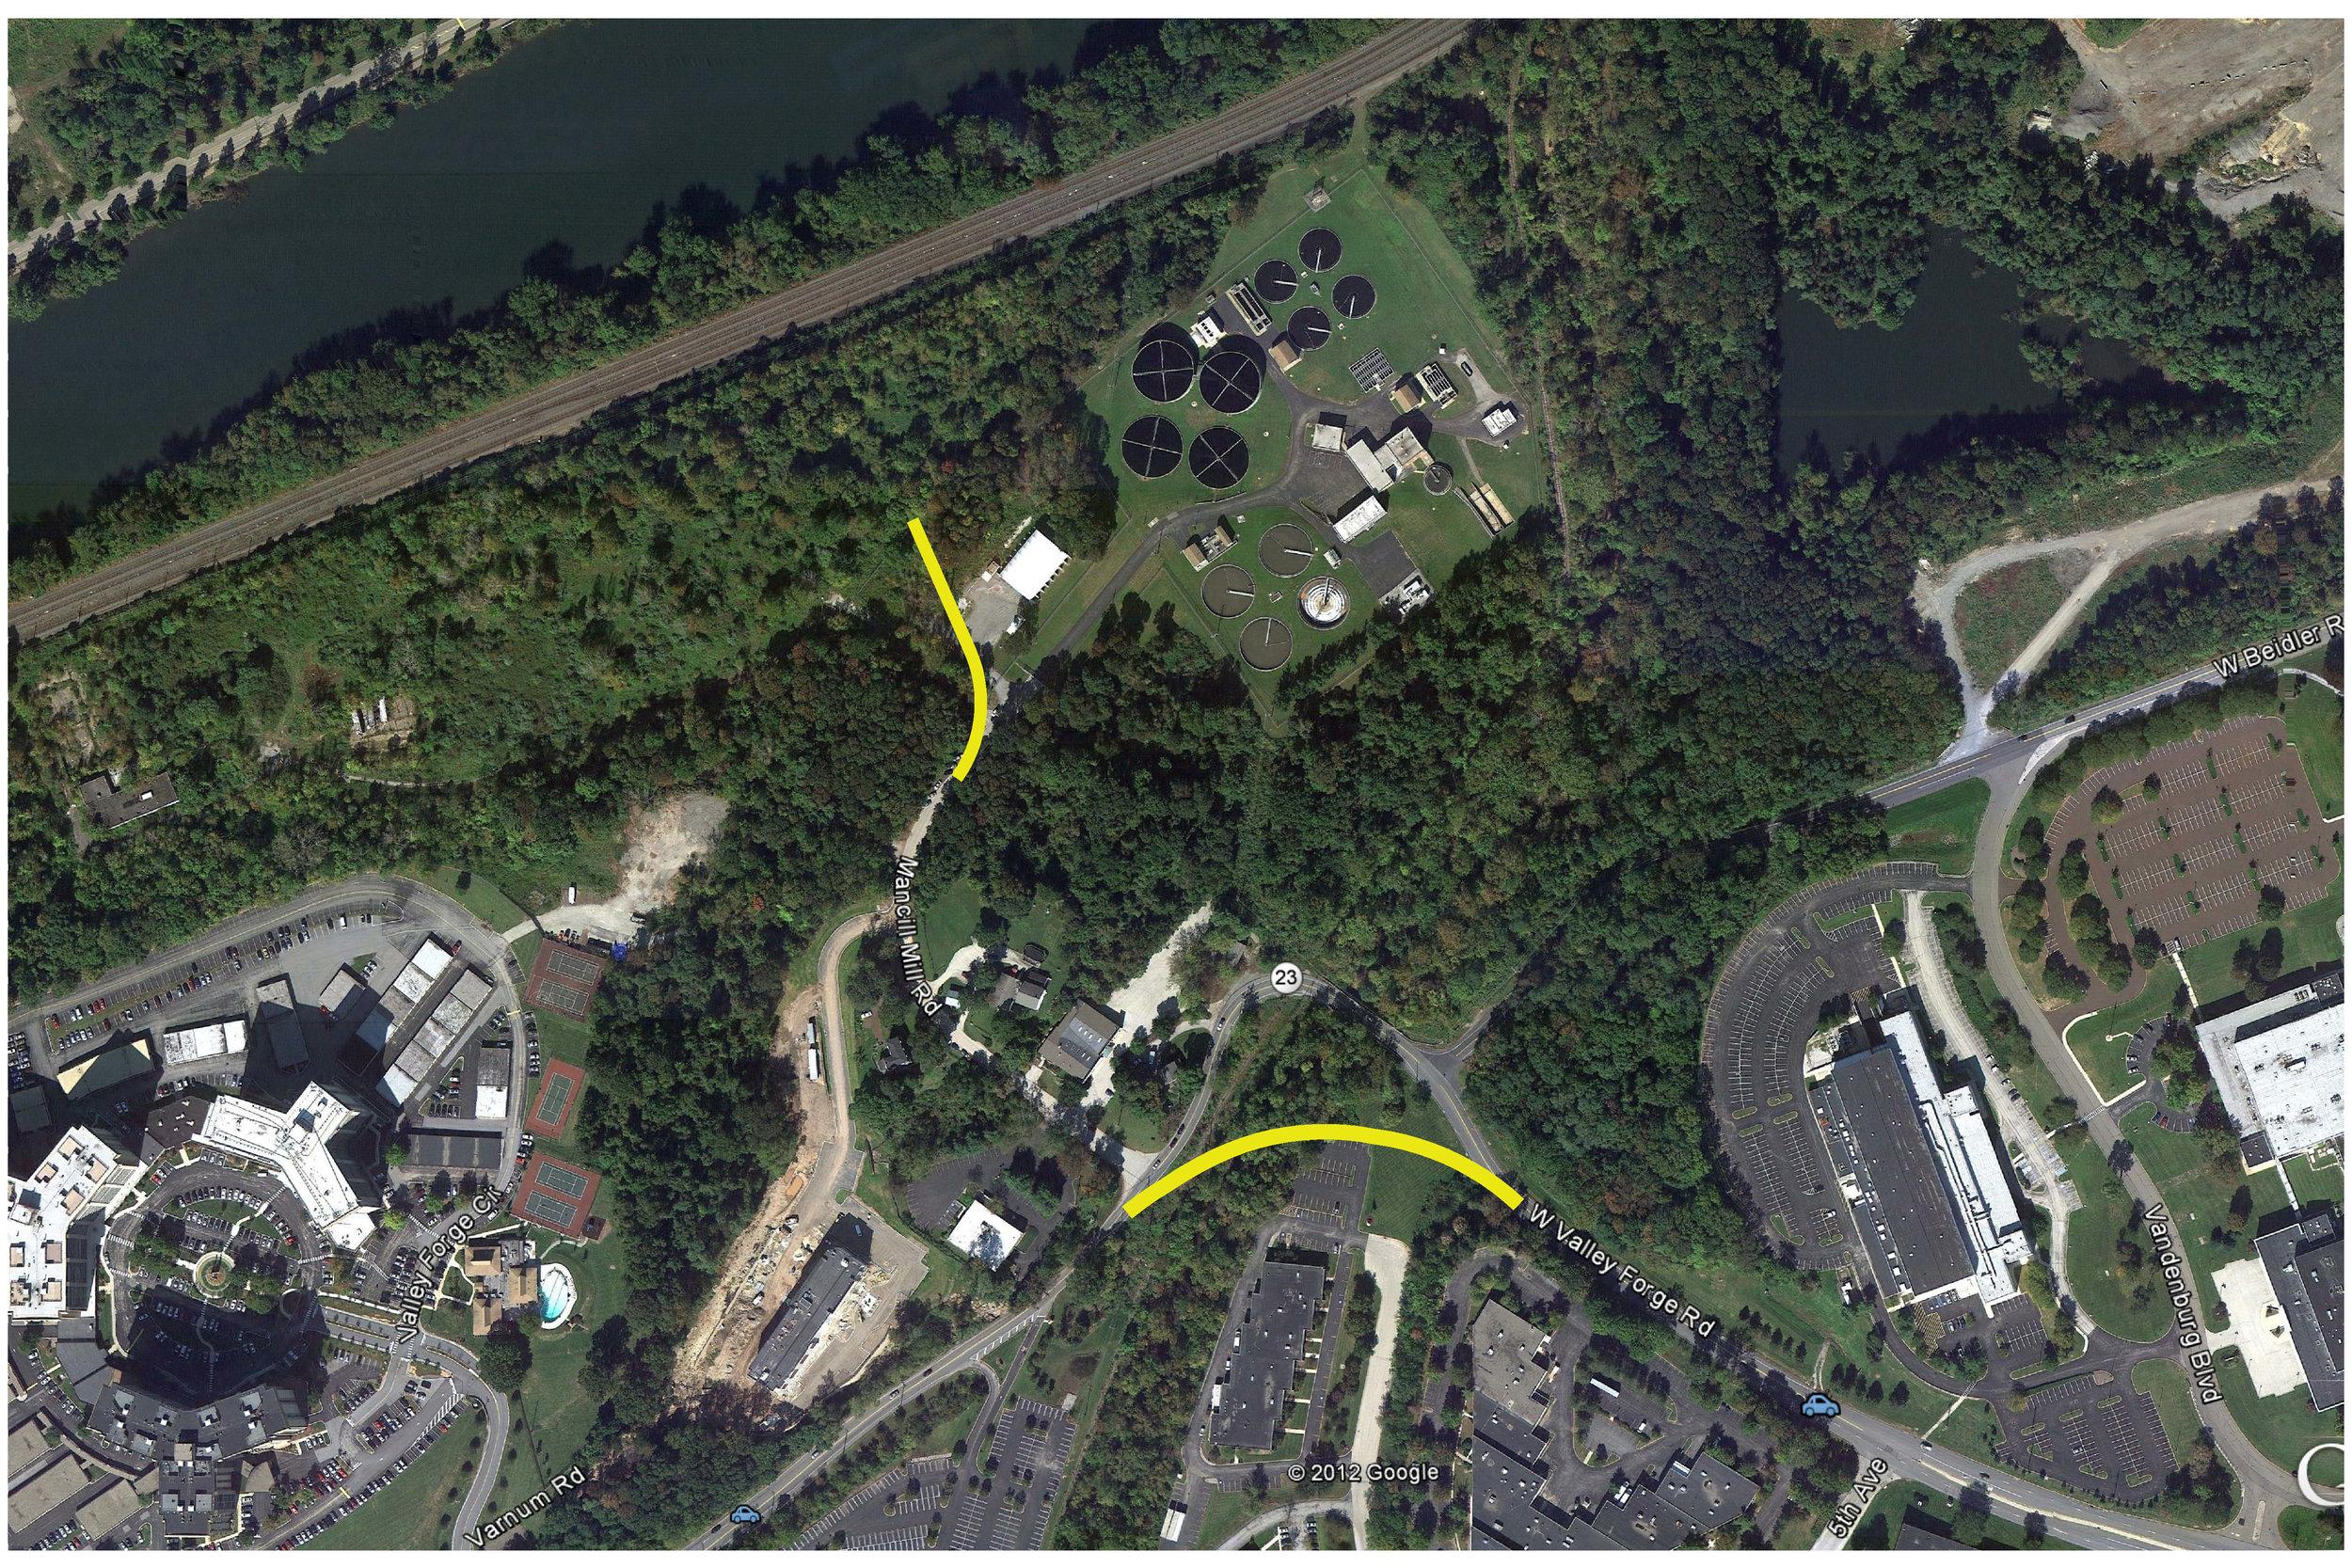 7-26-12_Mancill_Mill_Road_Aerial_Exhibit.jpg